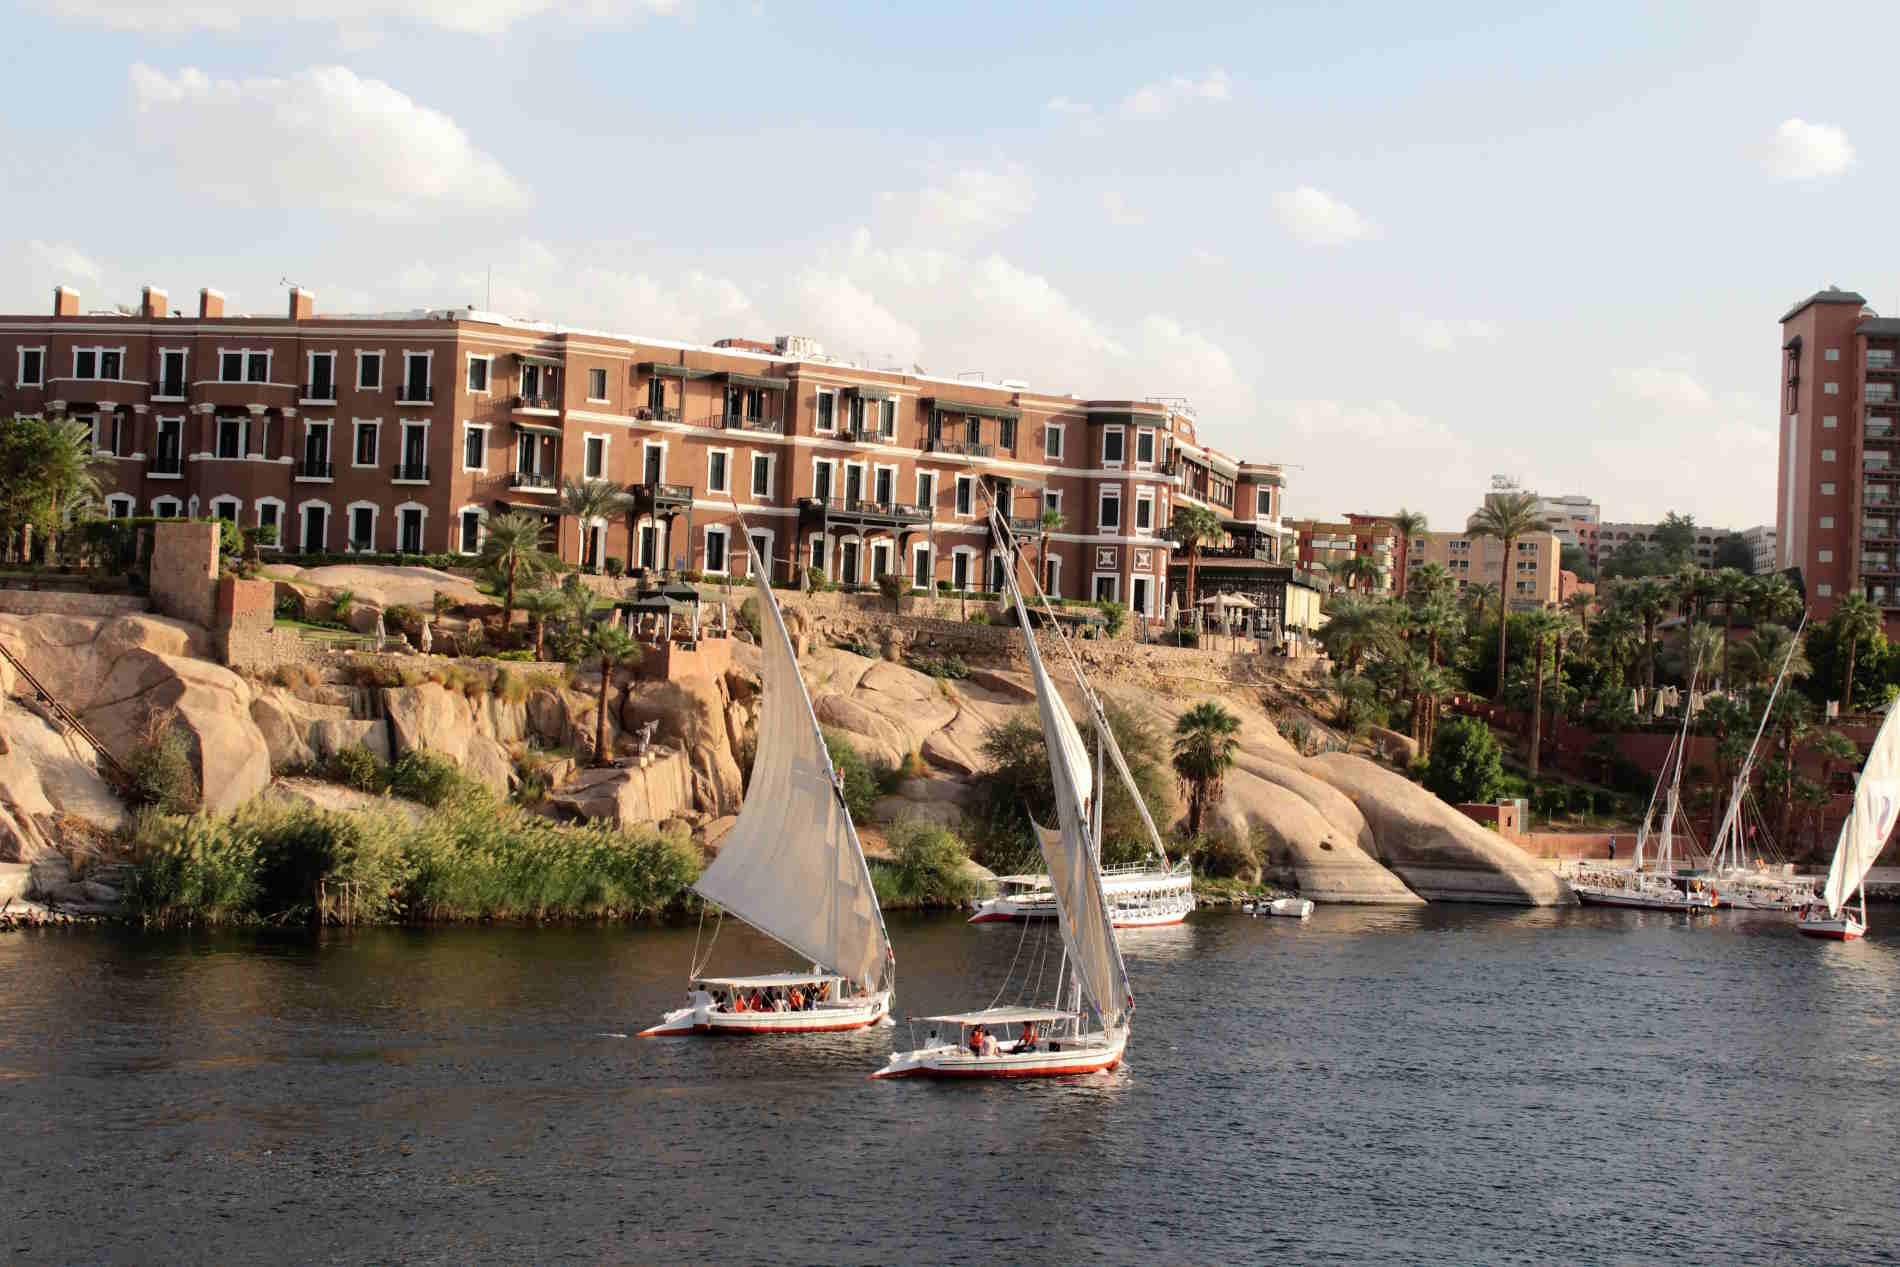 Old Cataract Hotel Aswan crociera sul Nilo